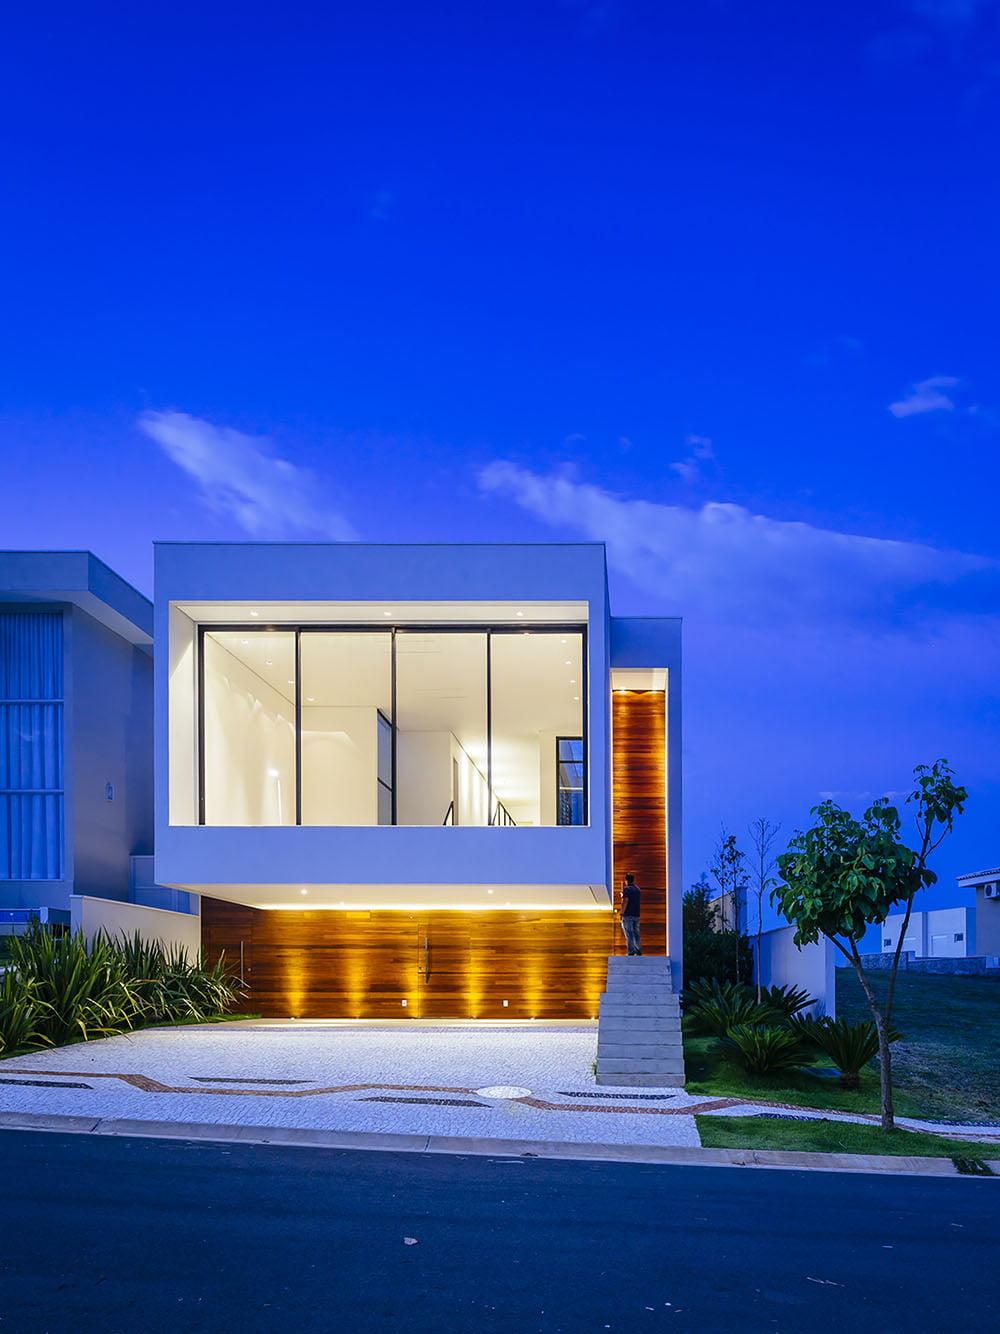 La fachada tiene una interesante iluminación desde el suelo lo que permite resaltar las texturas y color de la madera por la noche